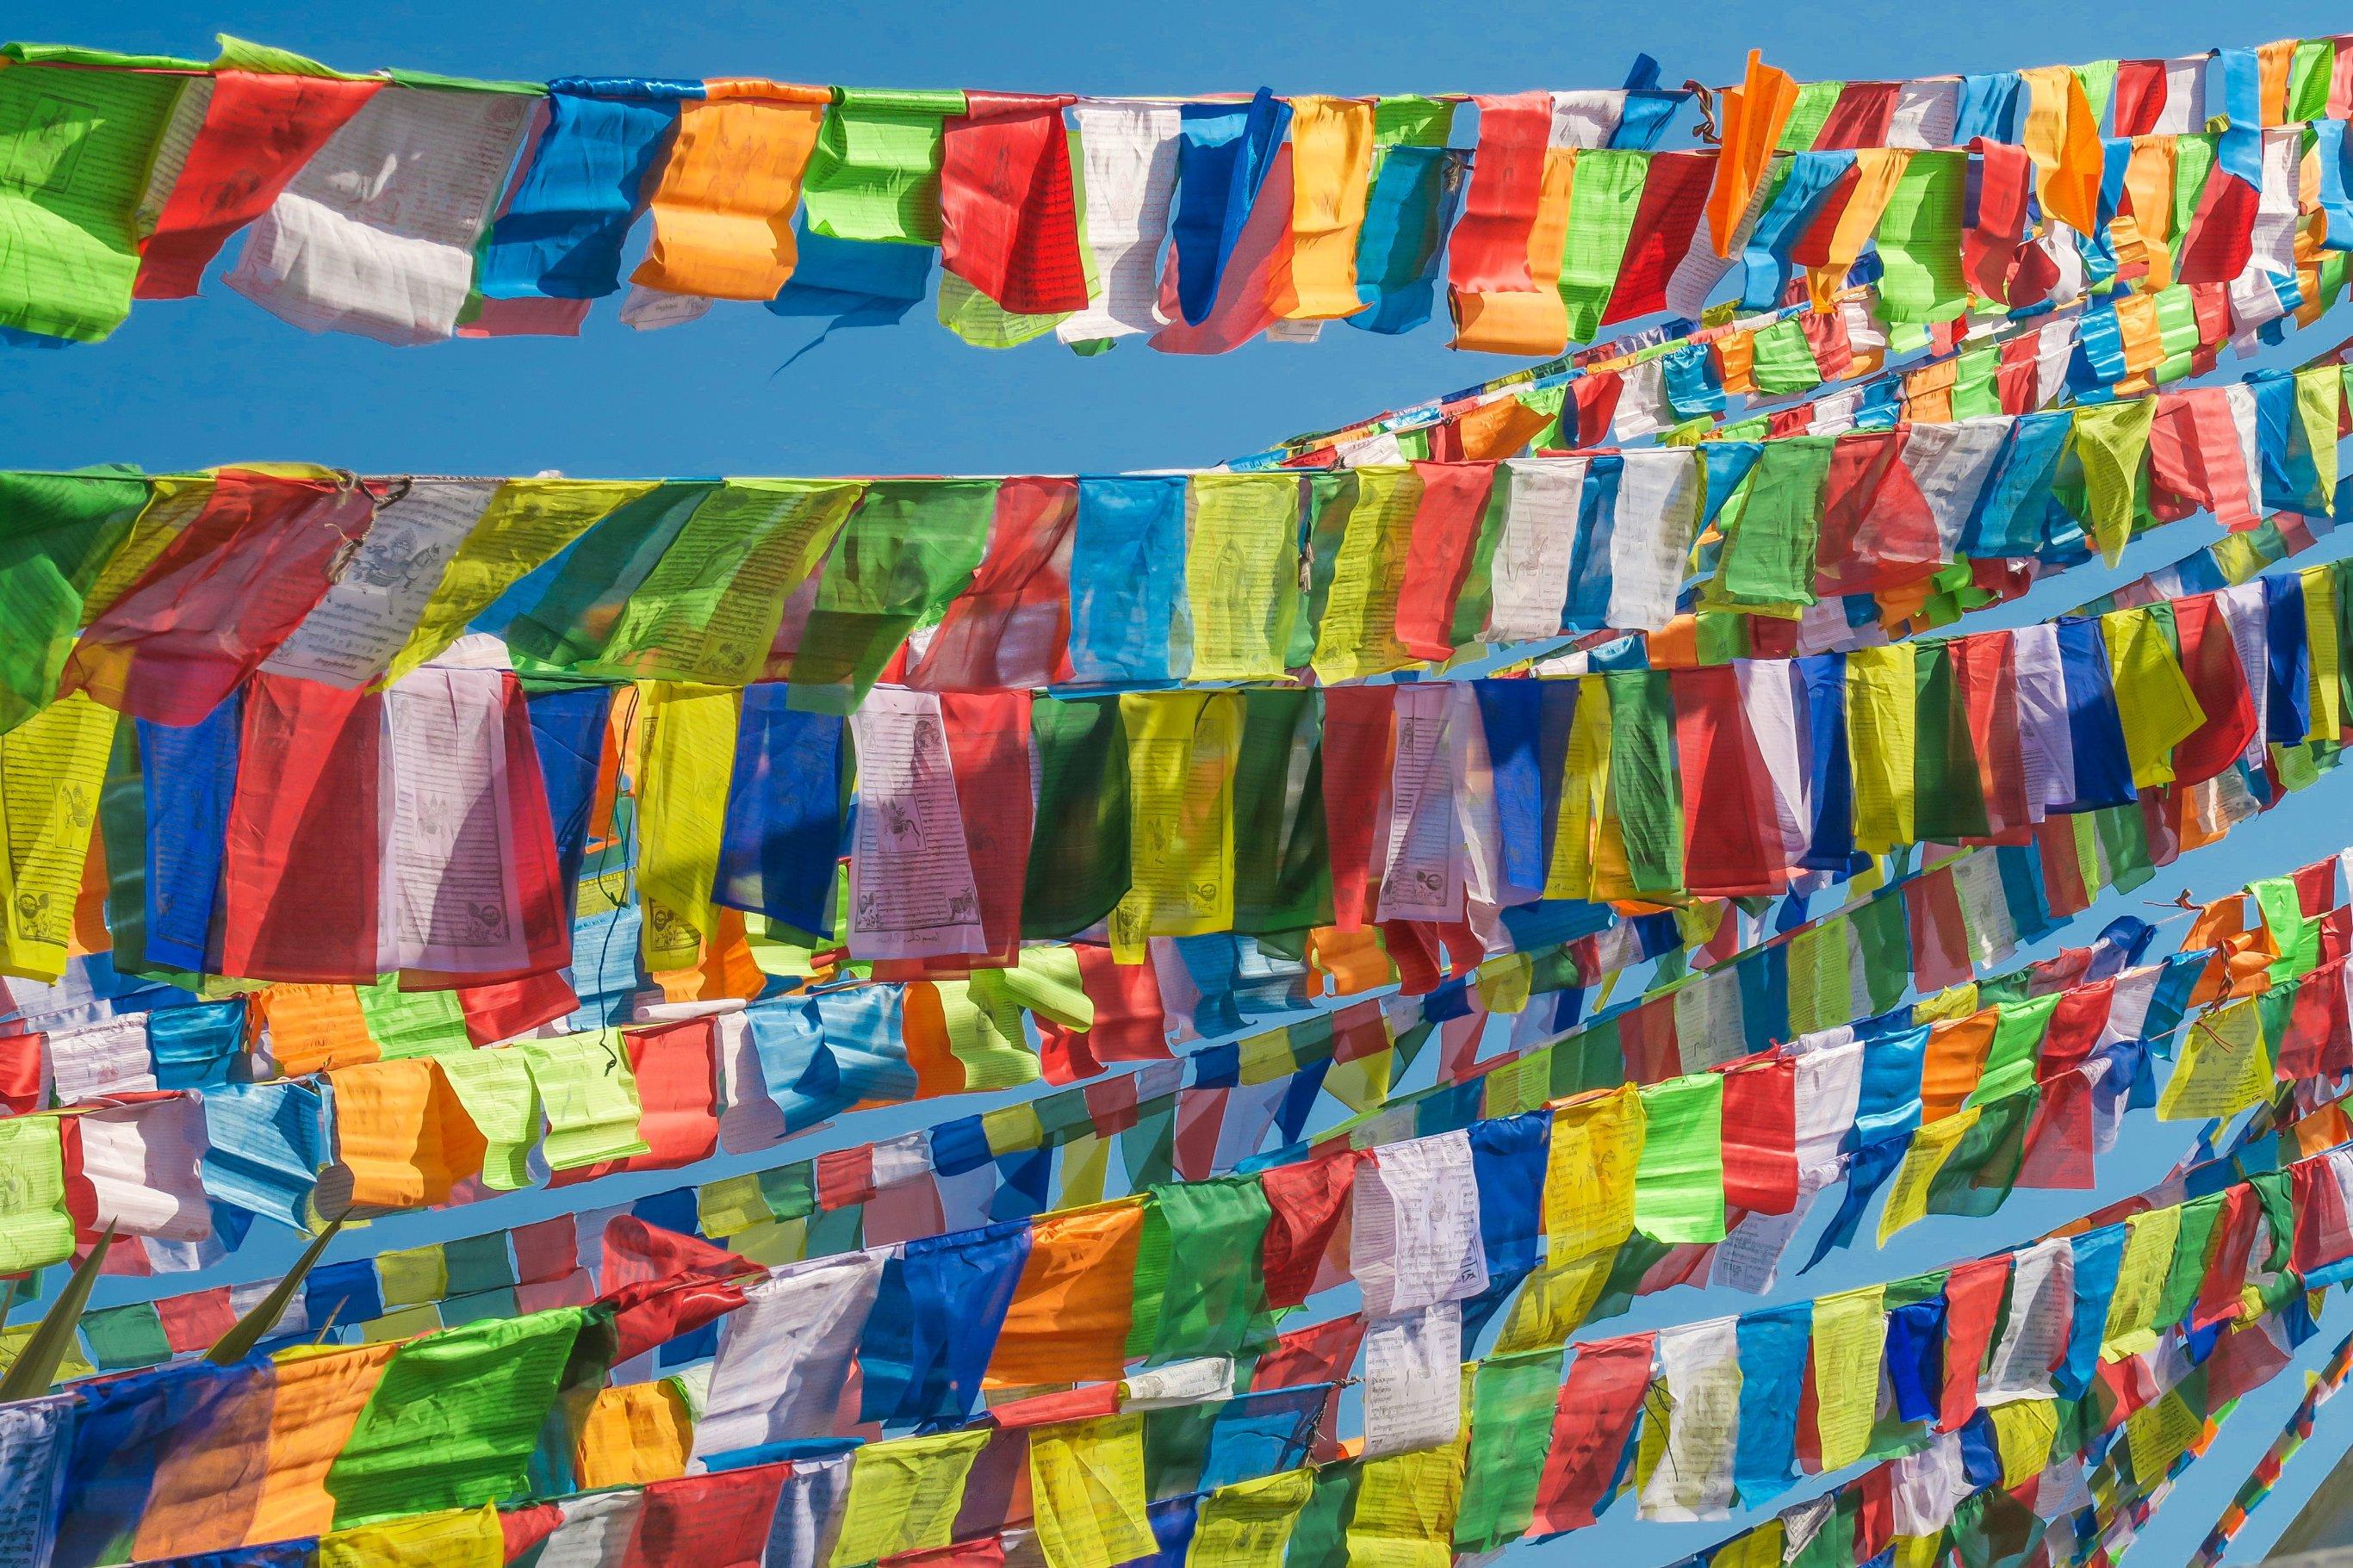 5-Day Kathmandu Sightseeing Tour - Nepal Itinerary